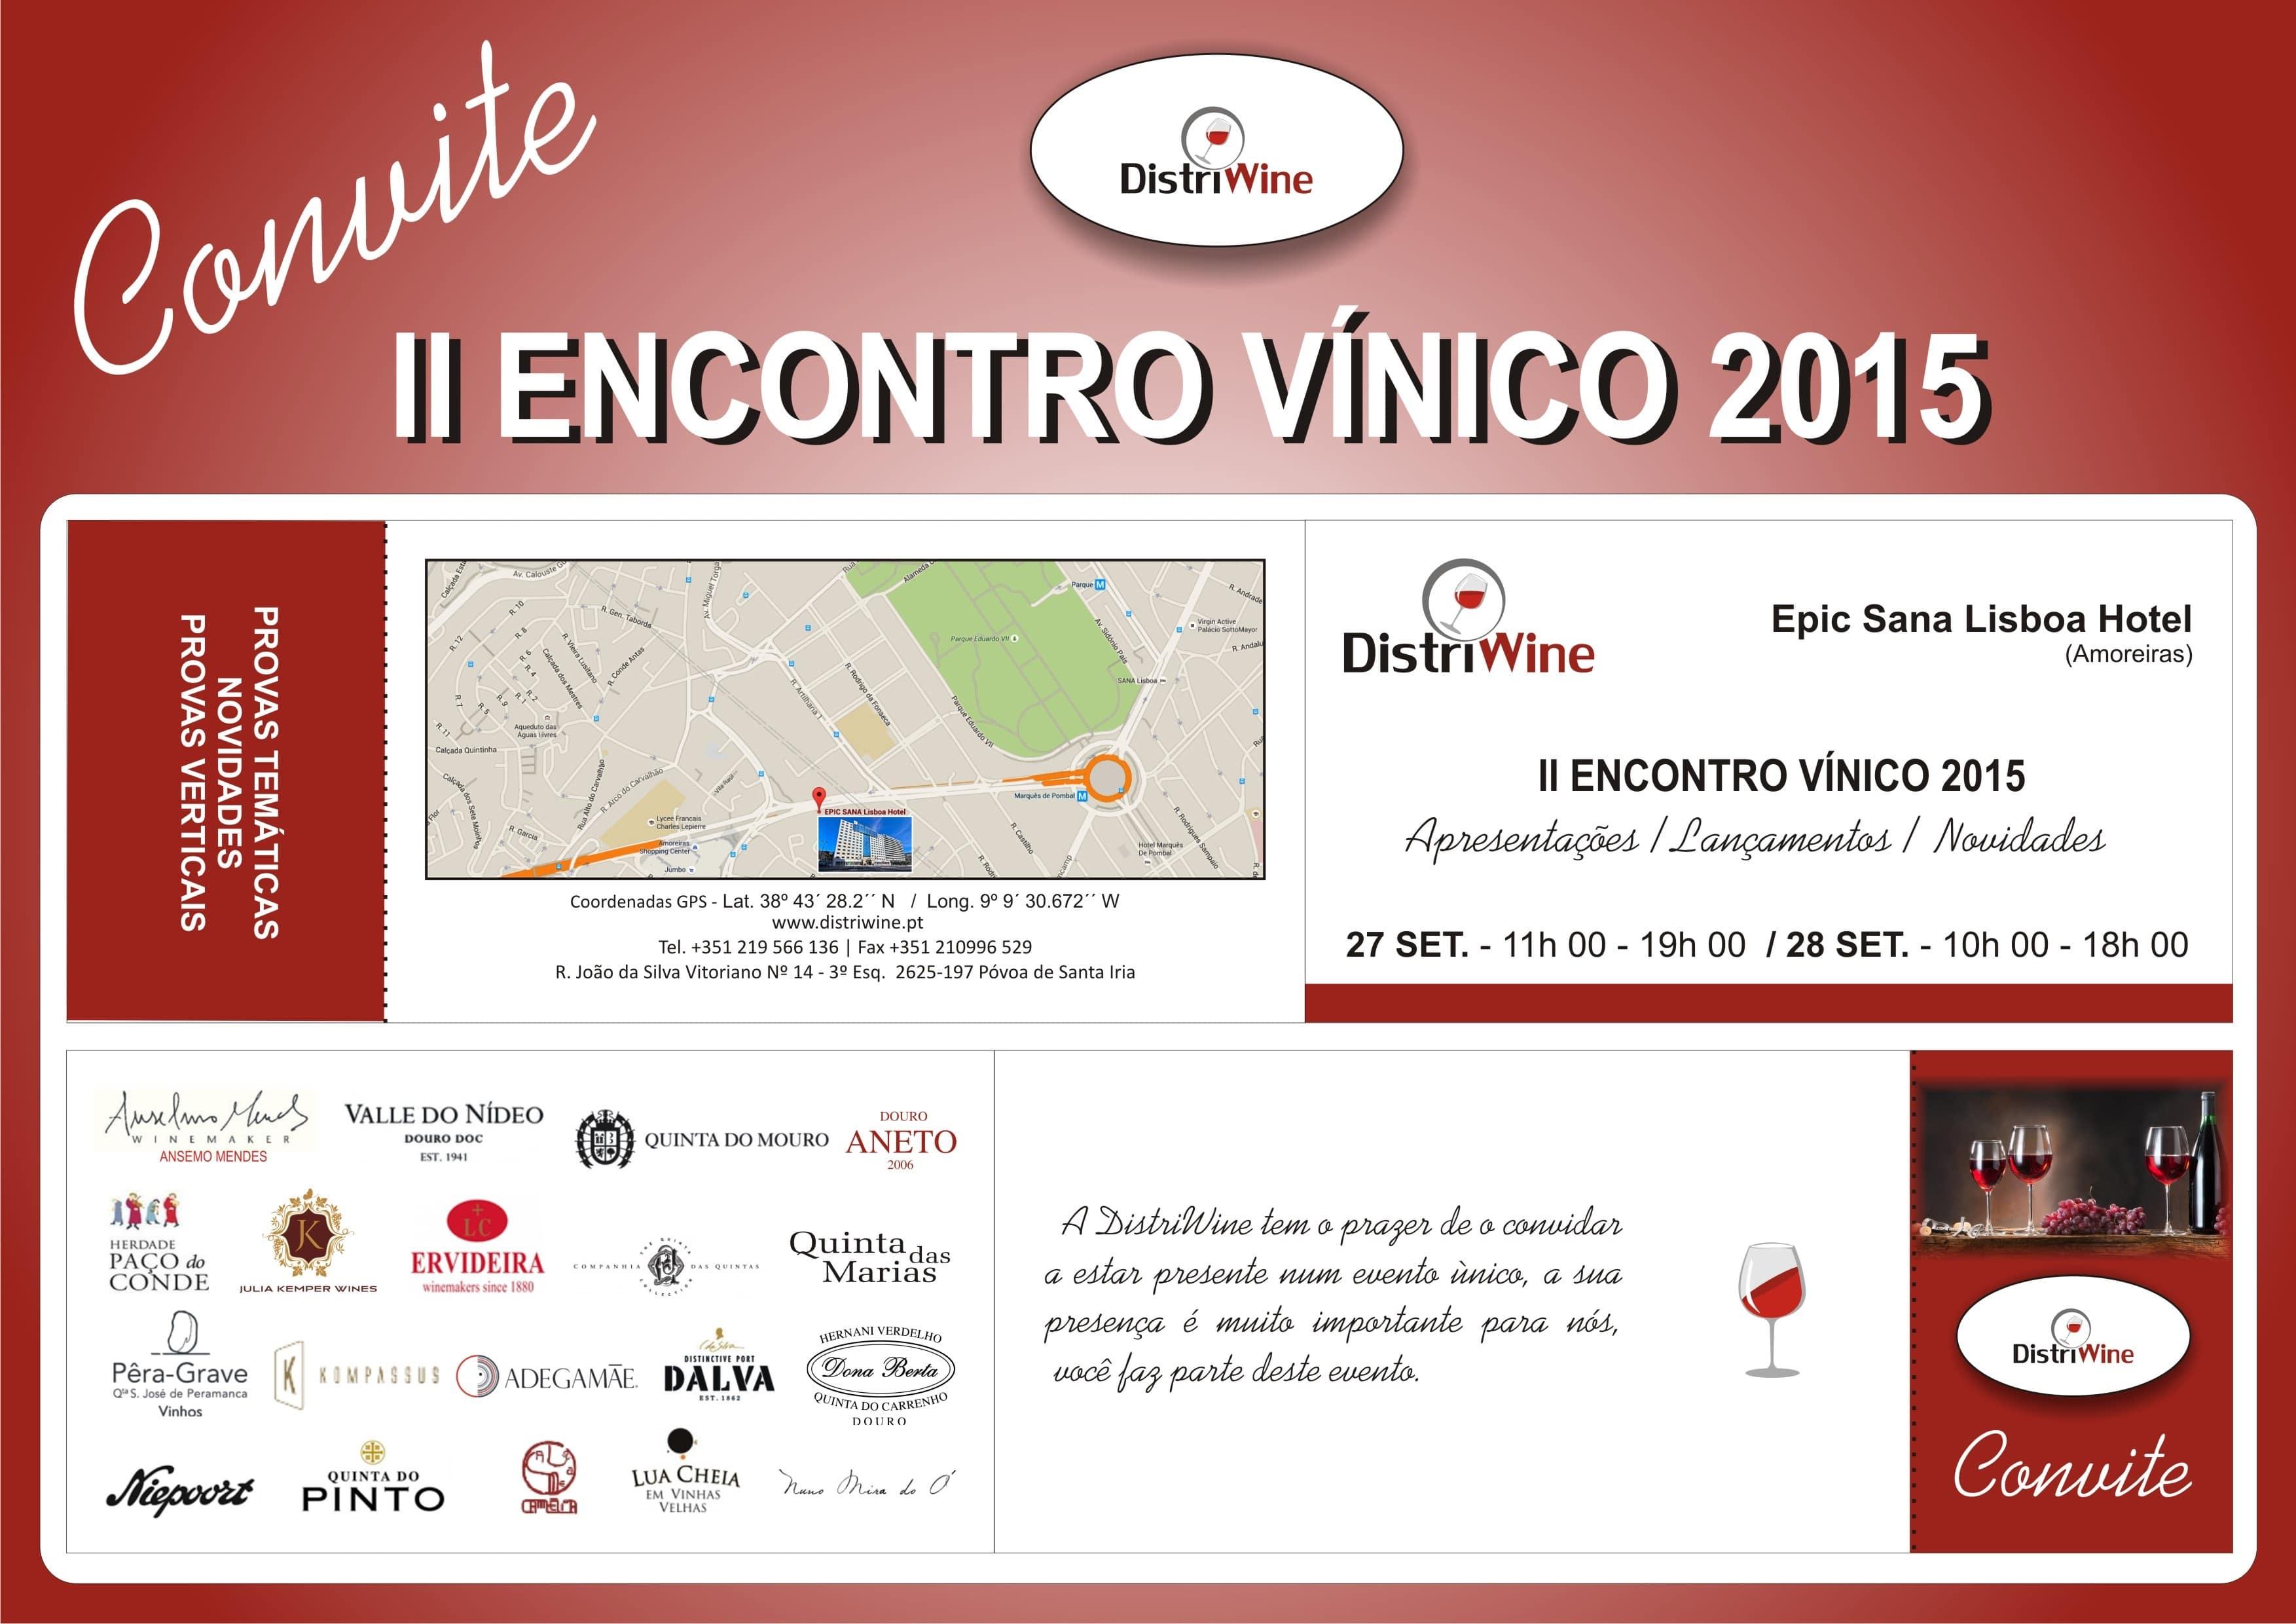 Convite EVENTO DISTRIWINE - Epic Sana Lisboa Hotel (junto Amoreiras) - 27 SET + 28 SET - Cópia